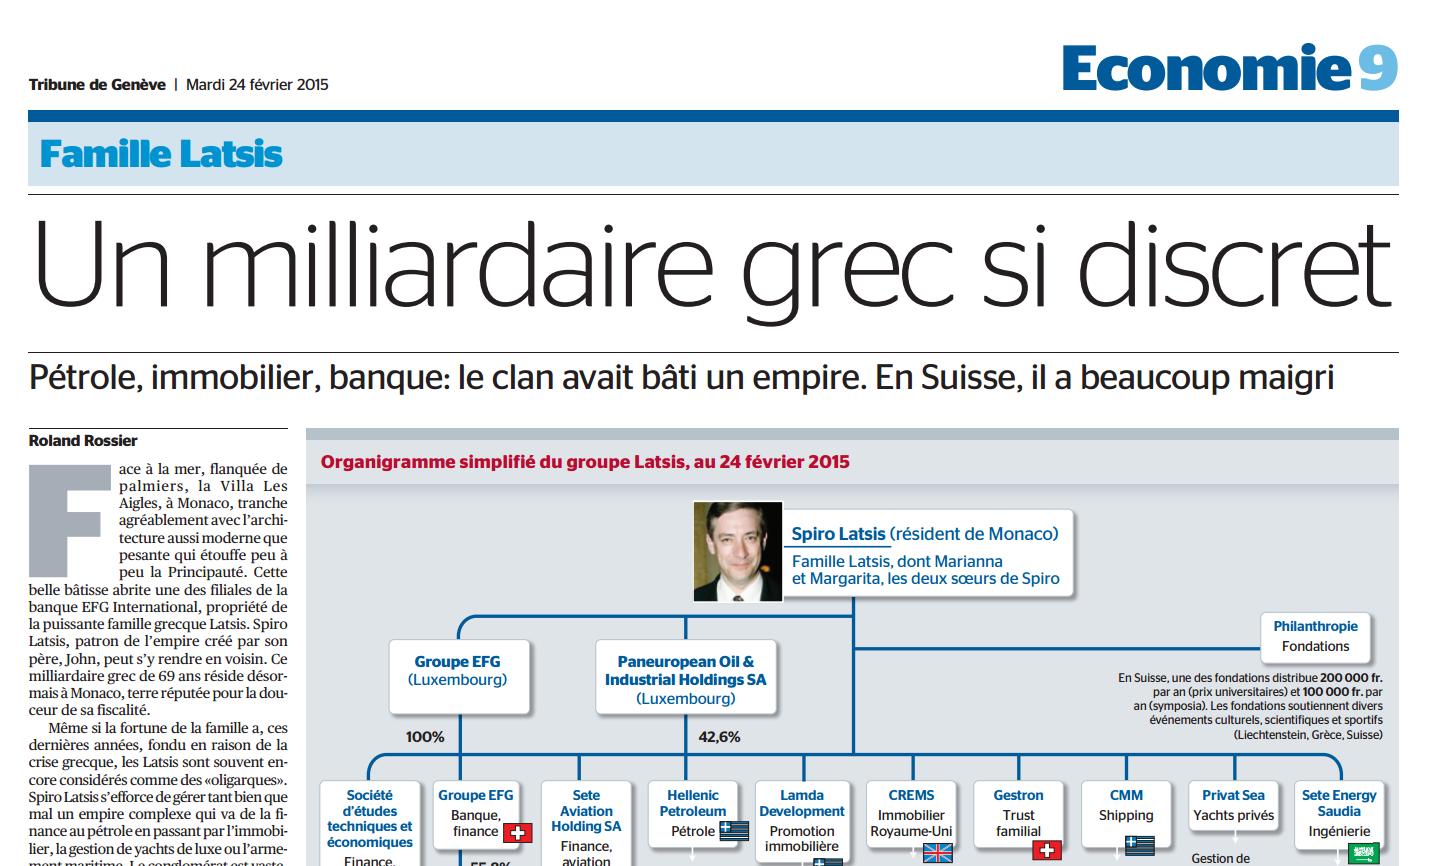 Tribune_de_Geneve_24_Fevrier_2015.PNG